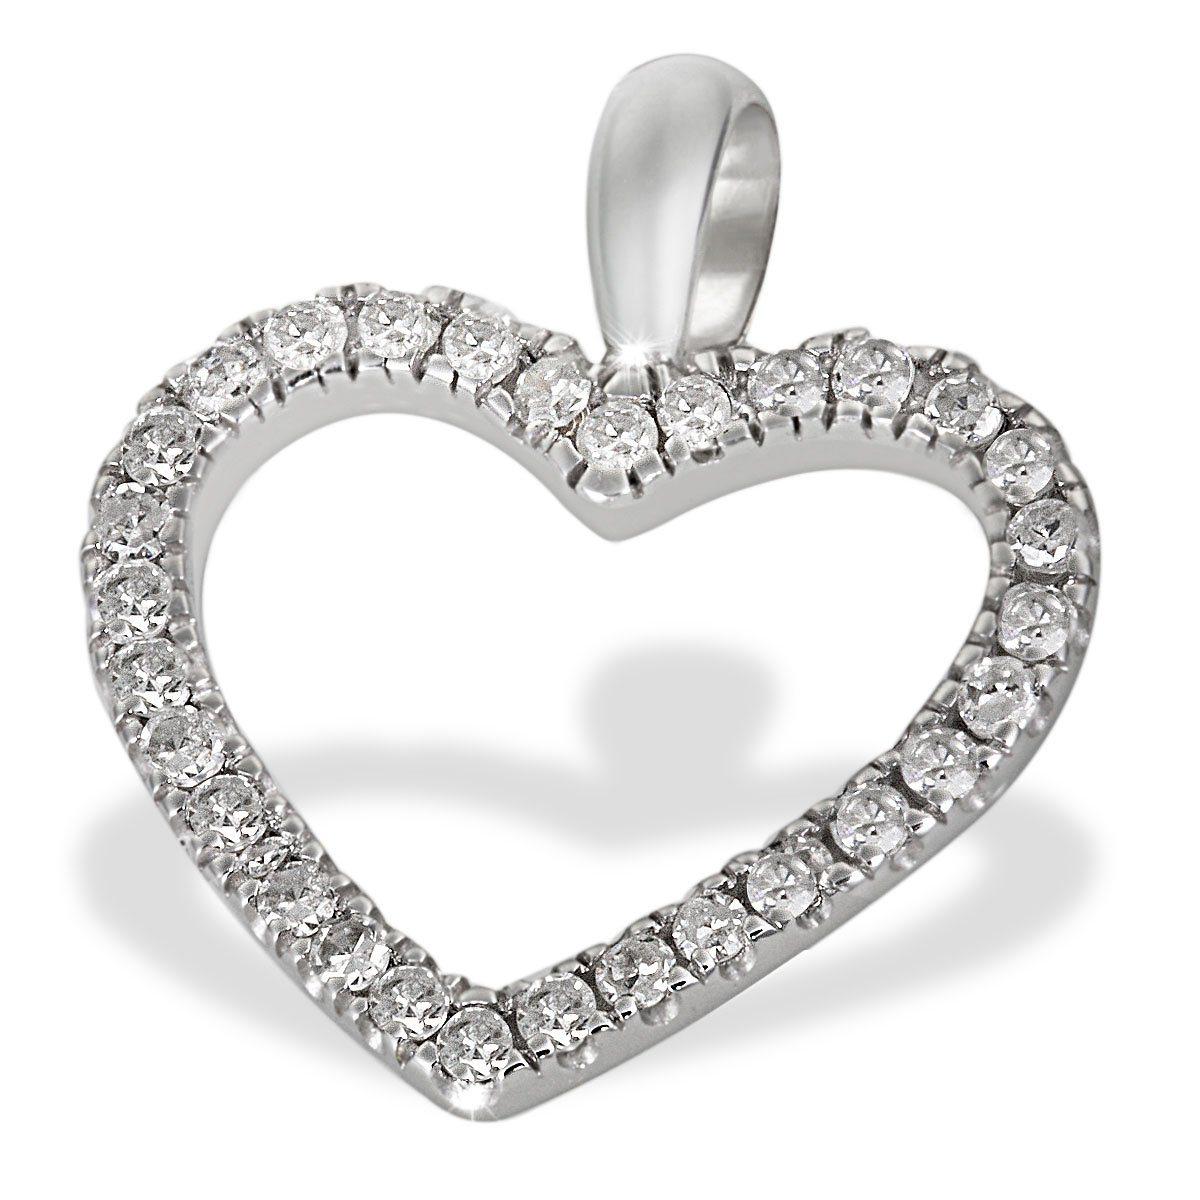 goldmaid Anhänger Herz 585/- Weißgold 30 Diamanten 0,16 ct. | Schmuck > Halsketten > Herzketten | Weißgold | goldmaid